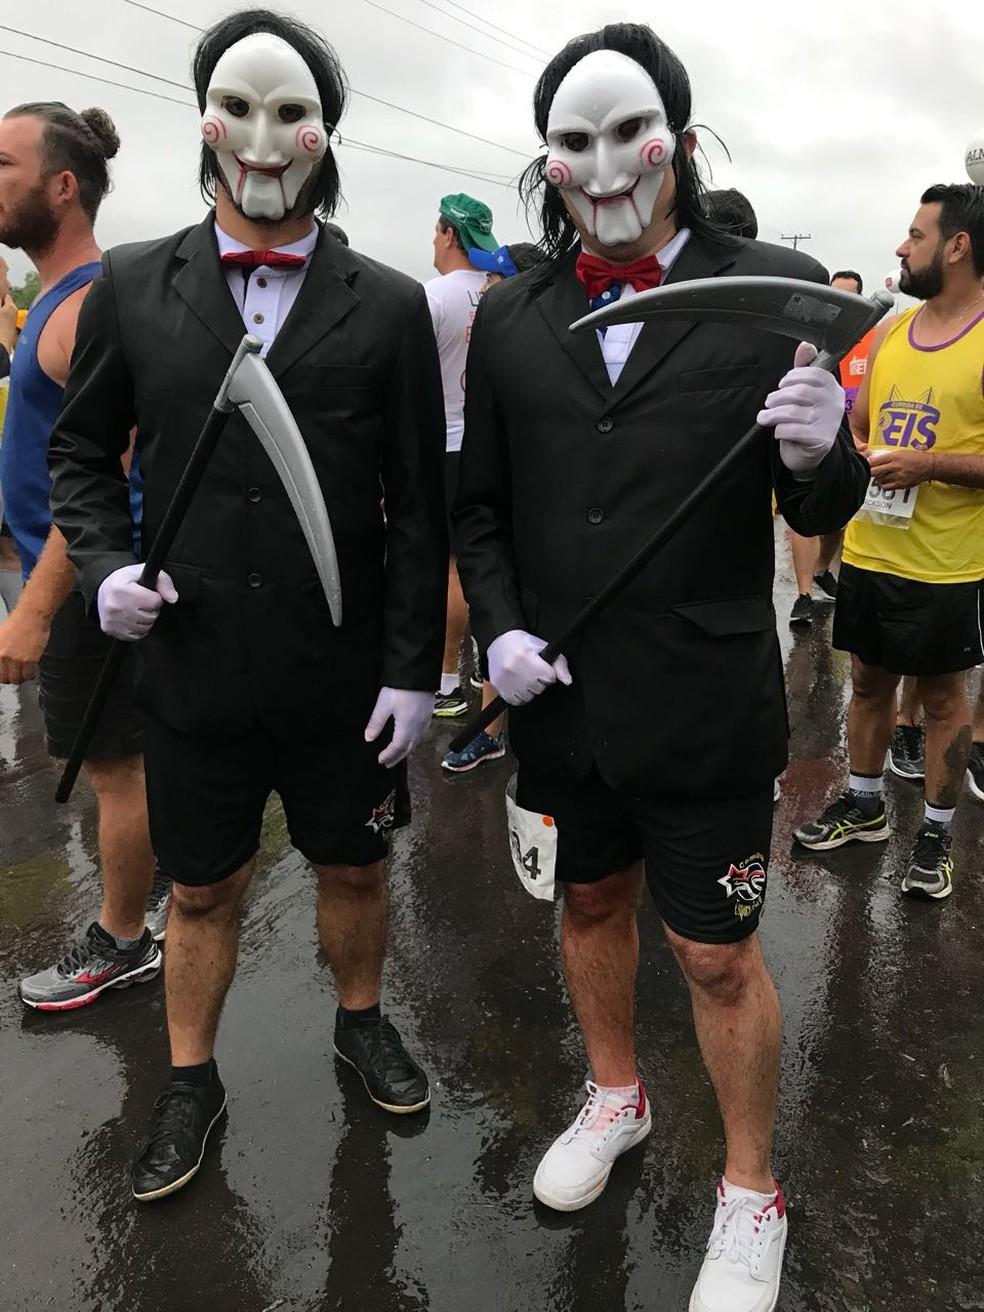 Irmãos correram fantasiados  (Foto: Flávio Coelho)